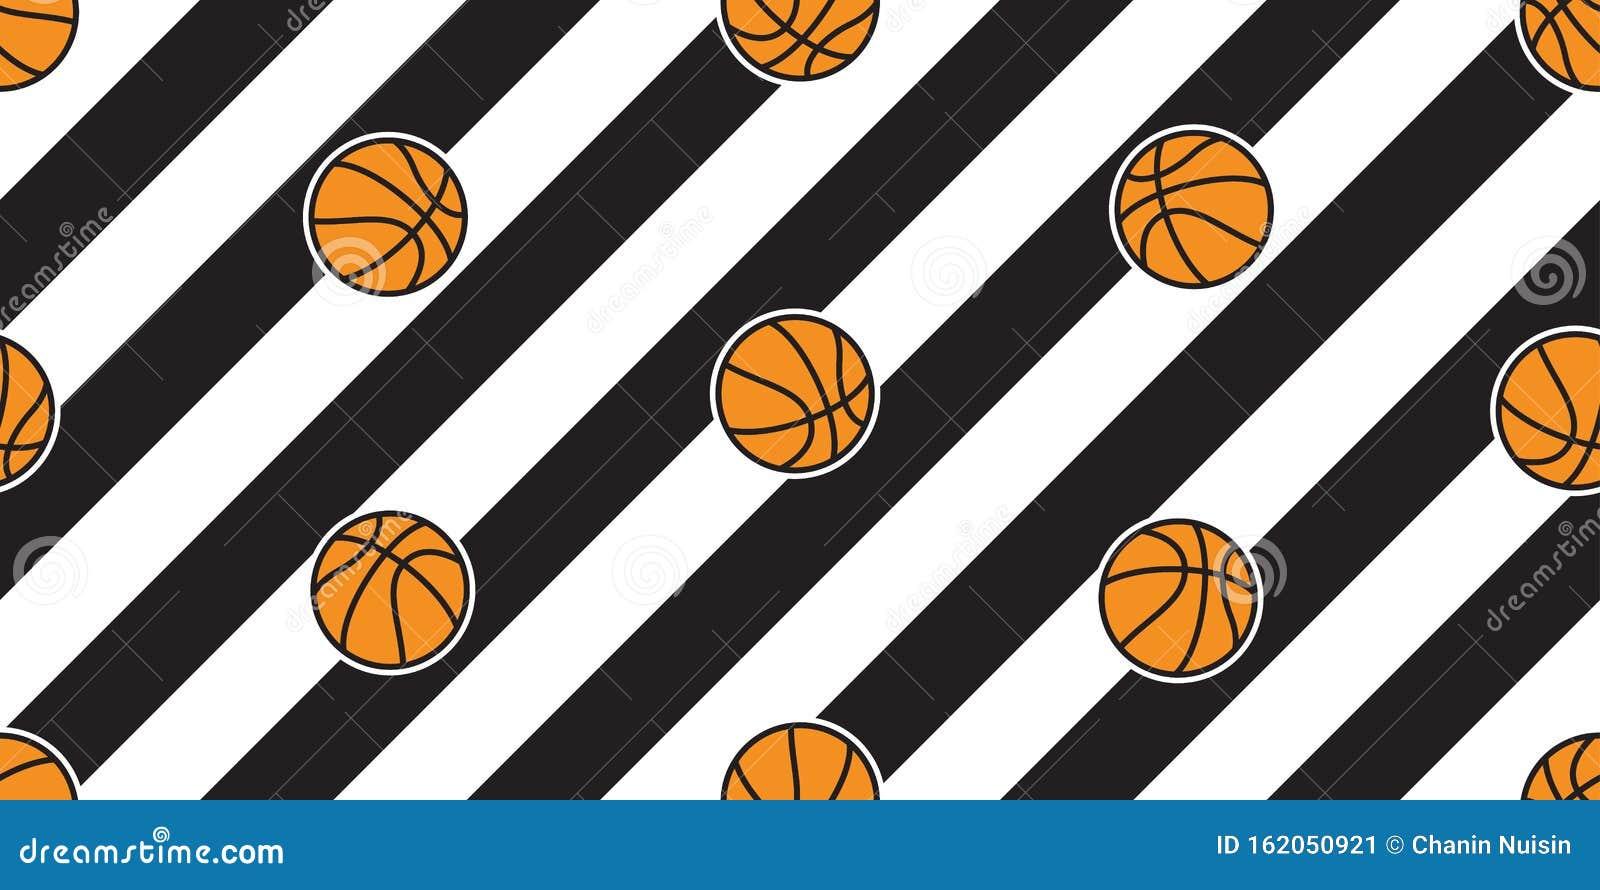 Sport Wallpaper Doodle: Basketball Seamless Pattern Vector Stripes Ball Sport